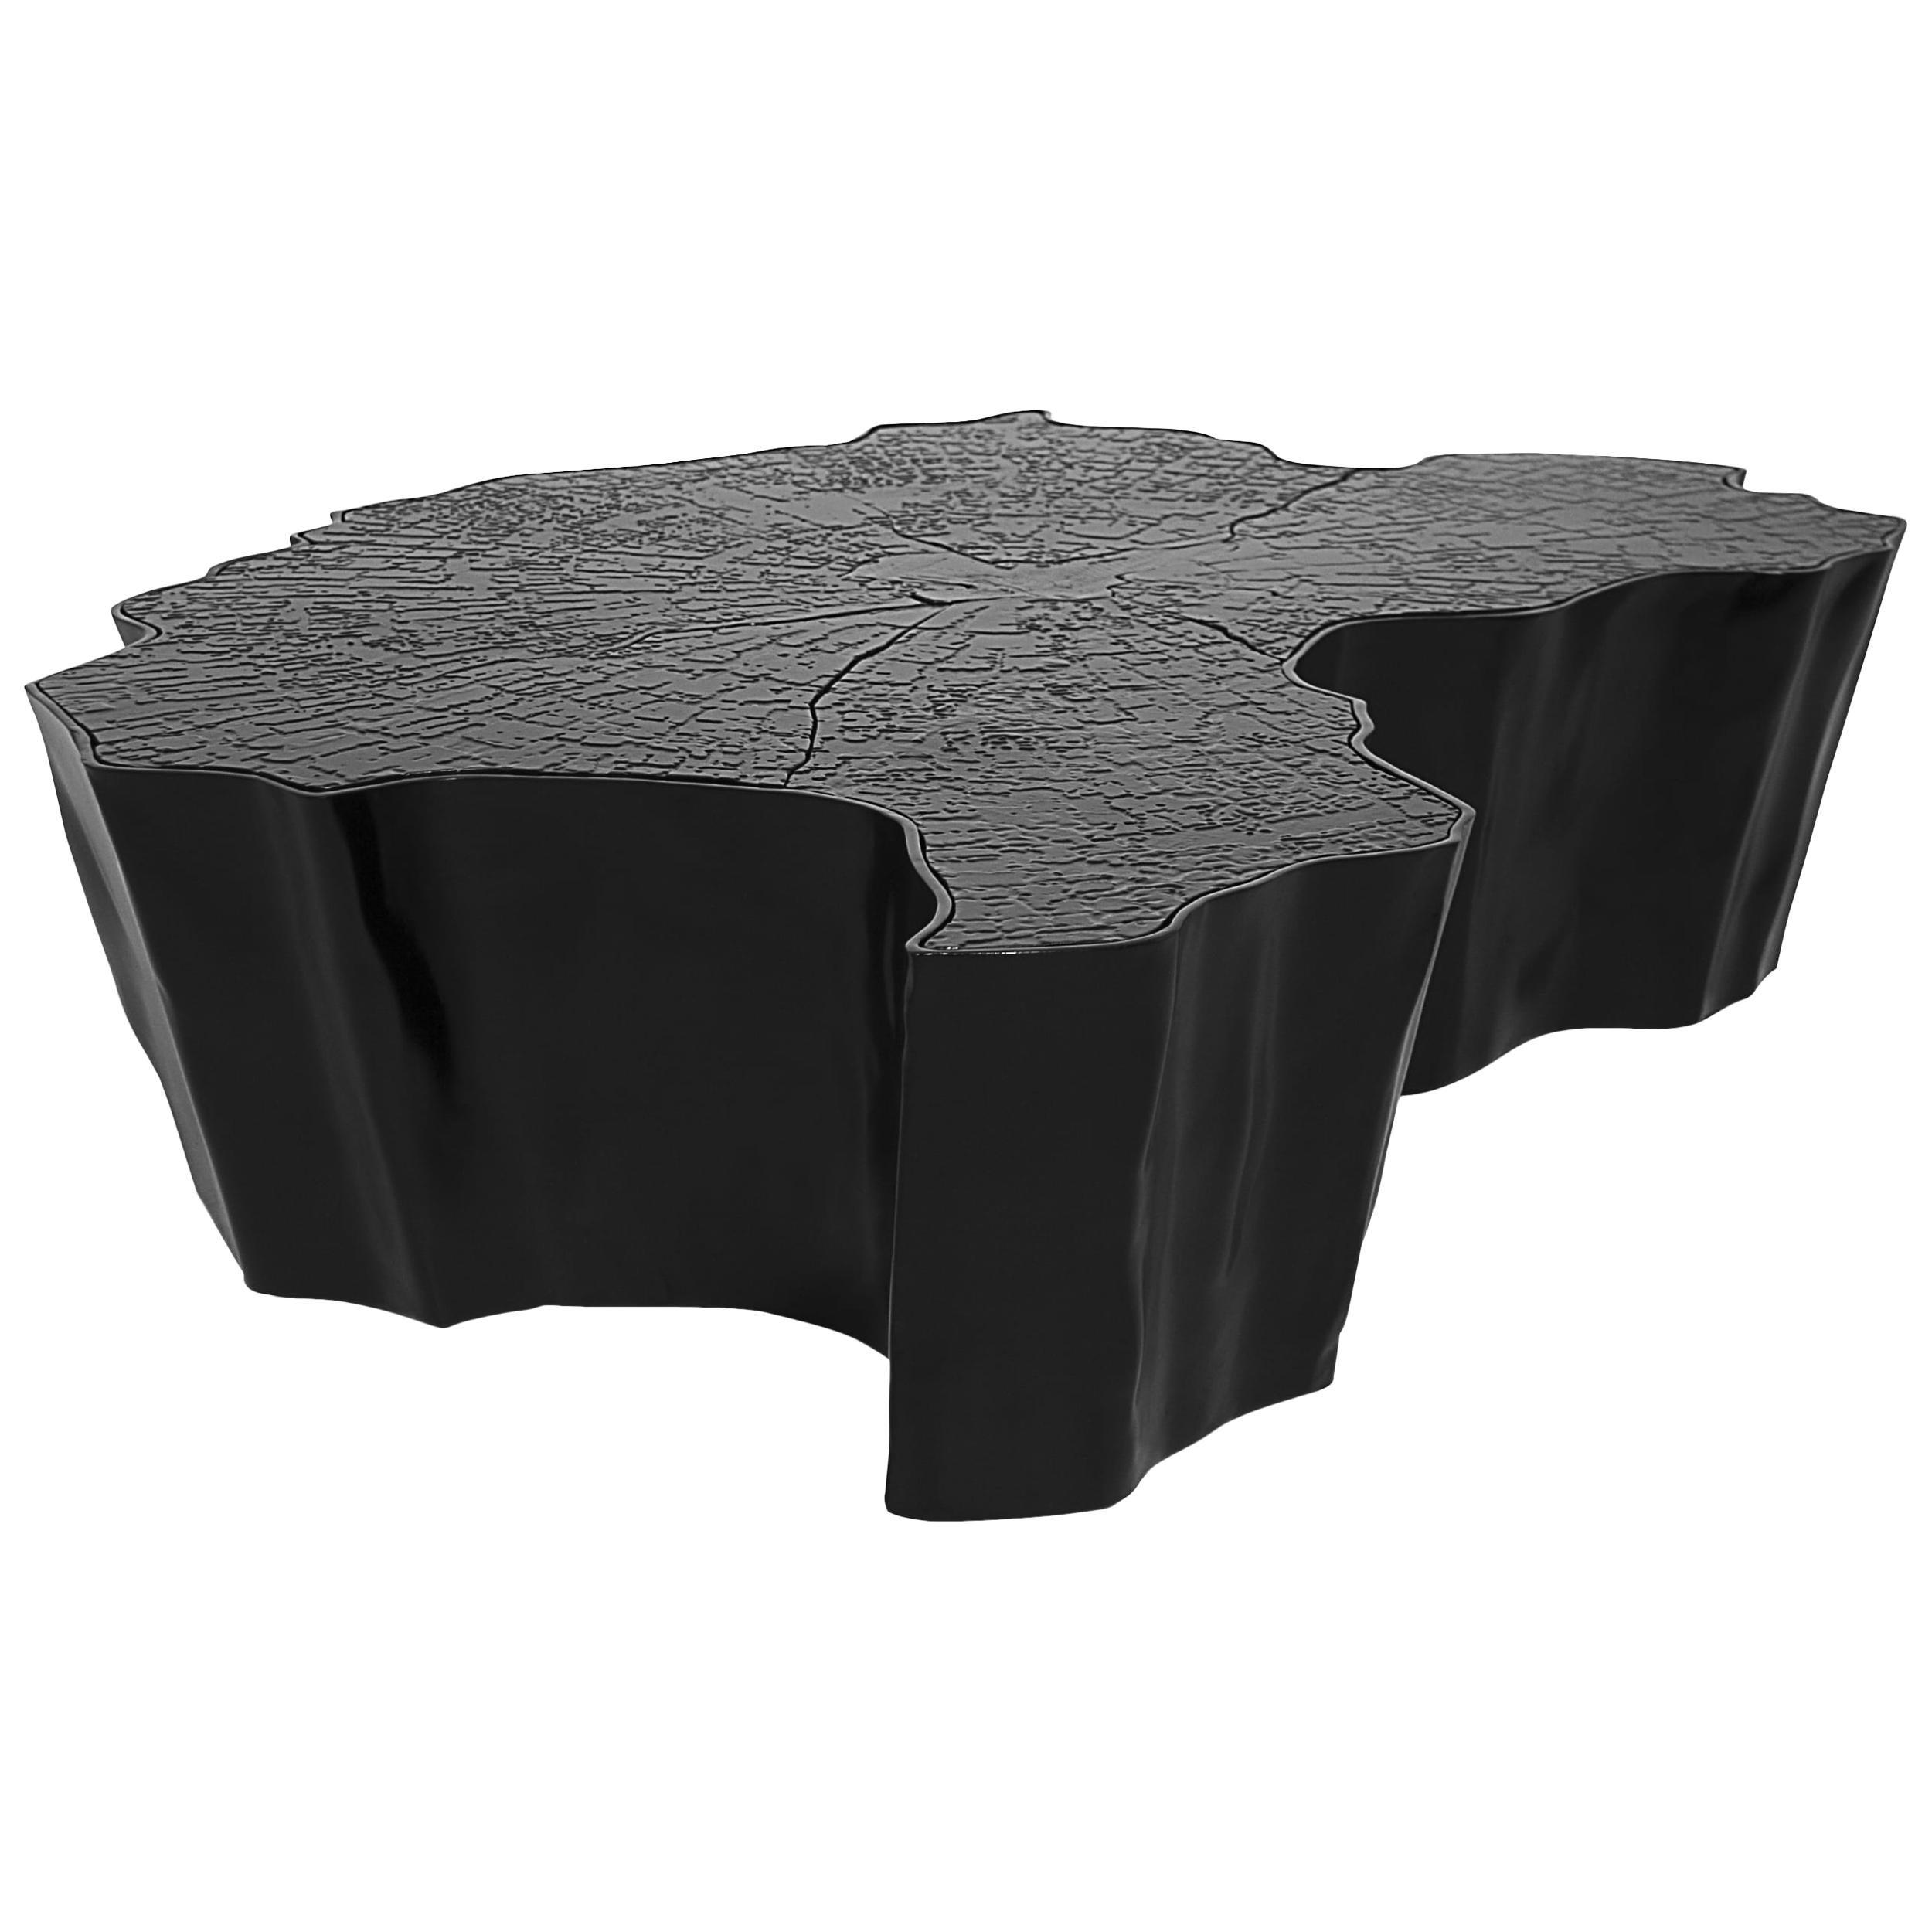 Eden Big Center Table in Black Lacquered Aluminum